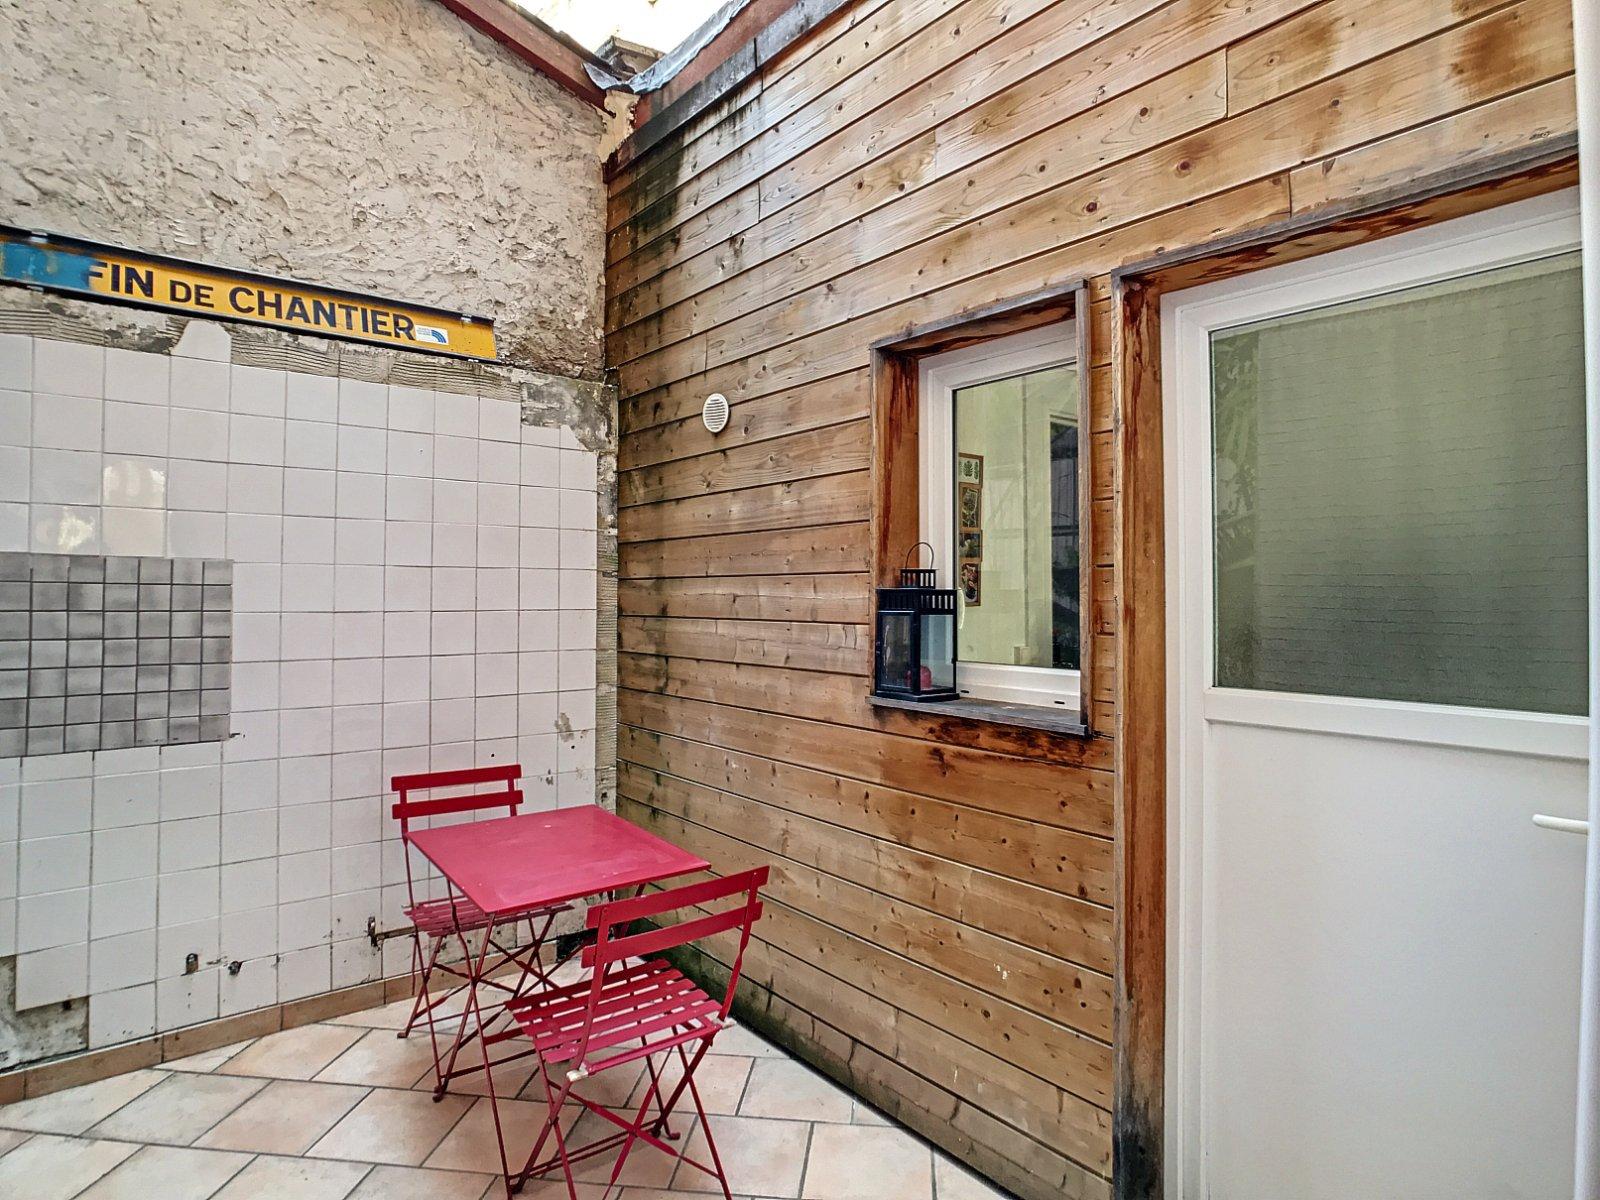 APPARTEMENT T4 A VENDRE - LILLE - 86,5 m2 - 349000 €